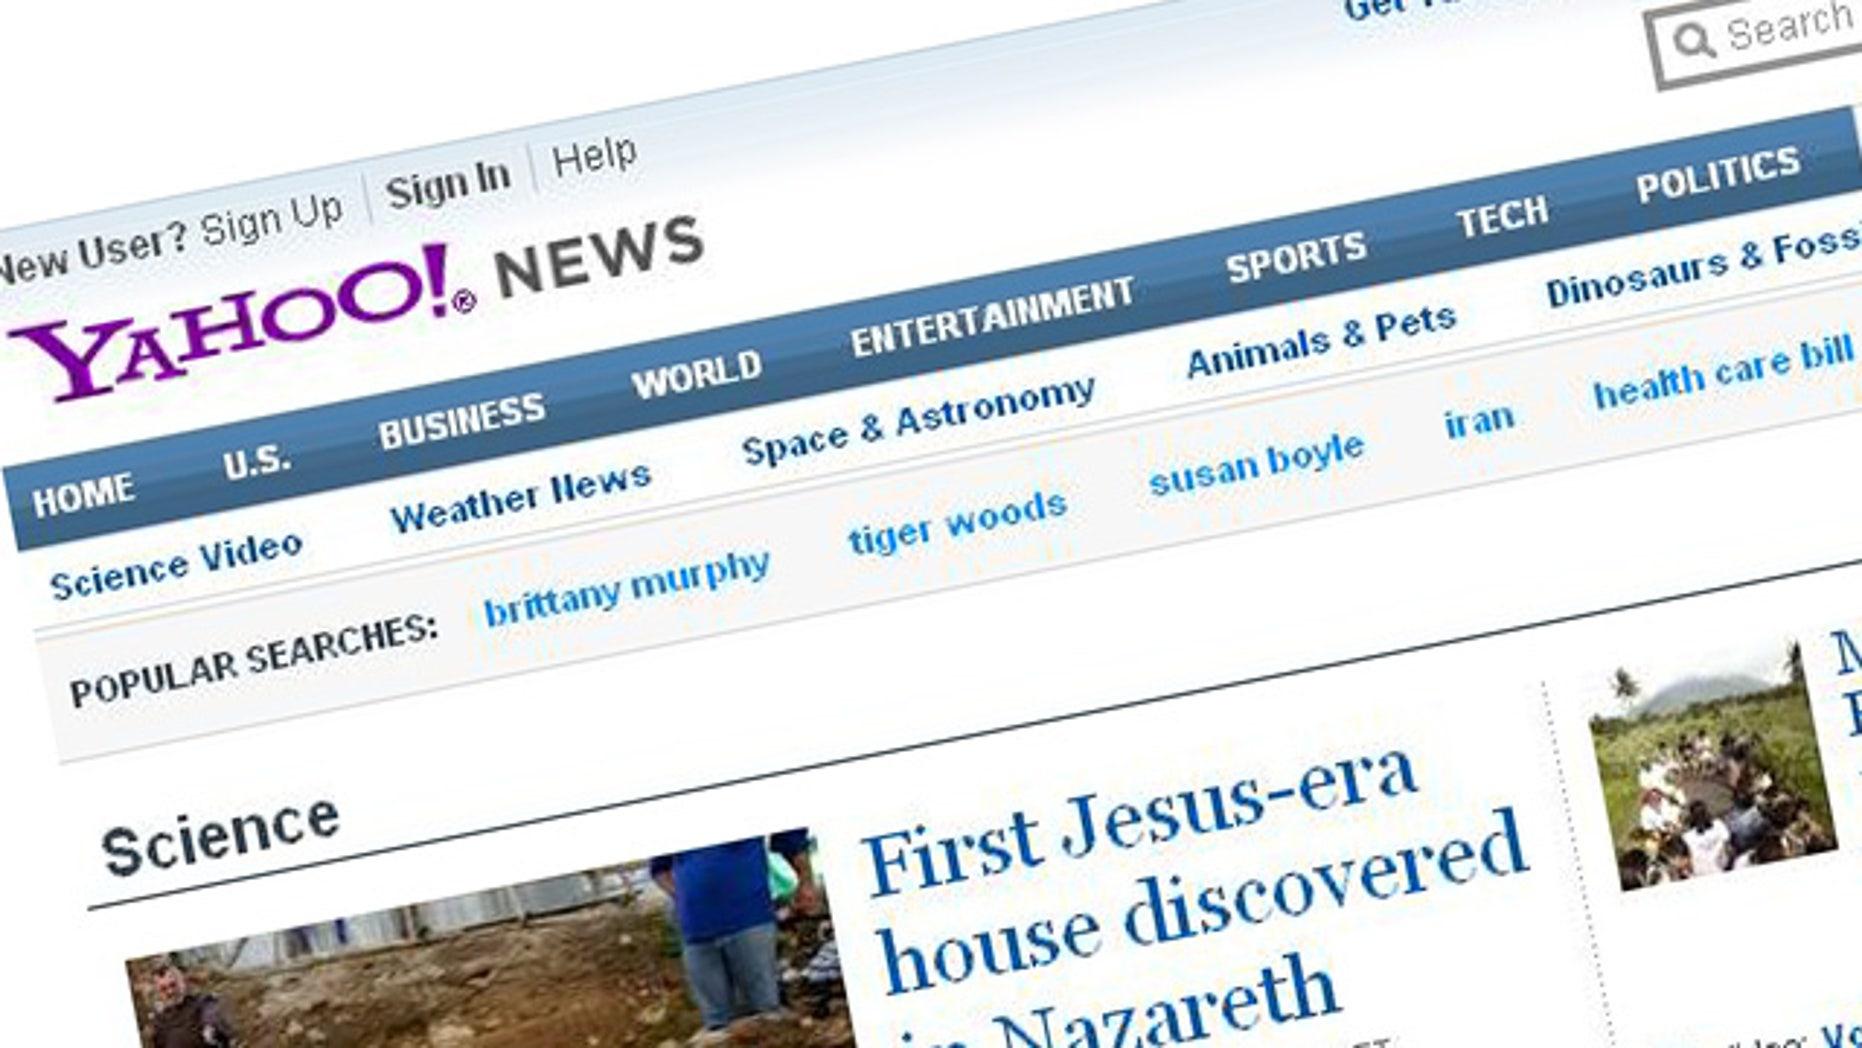 A screenshot of the website for Internet giant Yahoo.com.